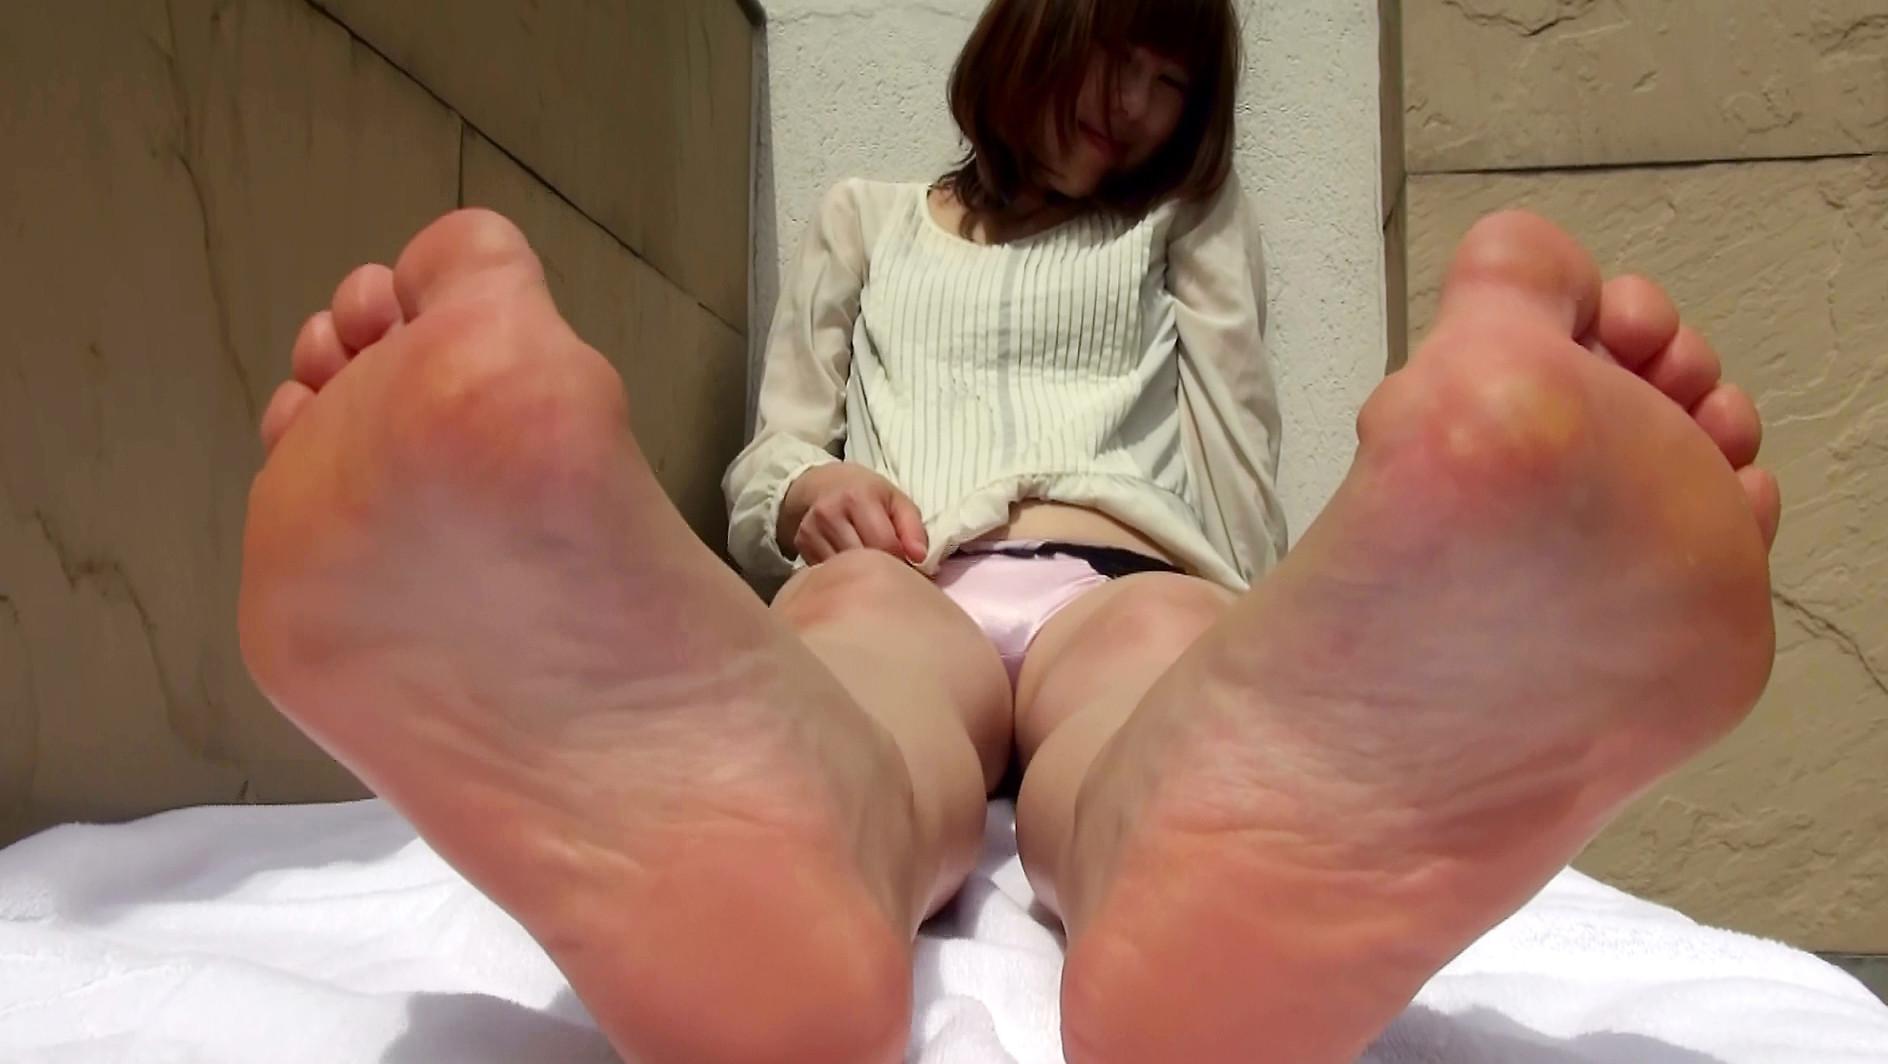 女が股間を熱くする・・・ 足裏愛撫コレクション